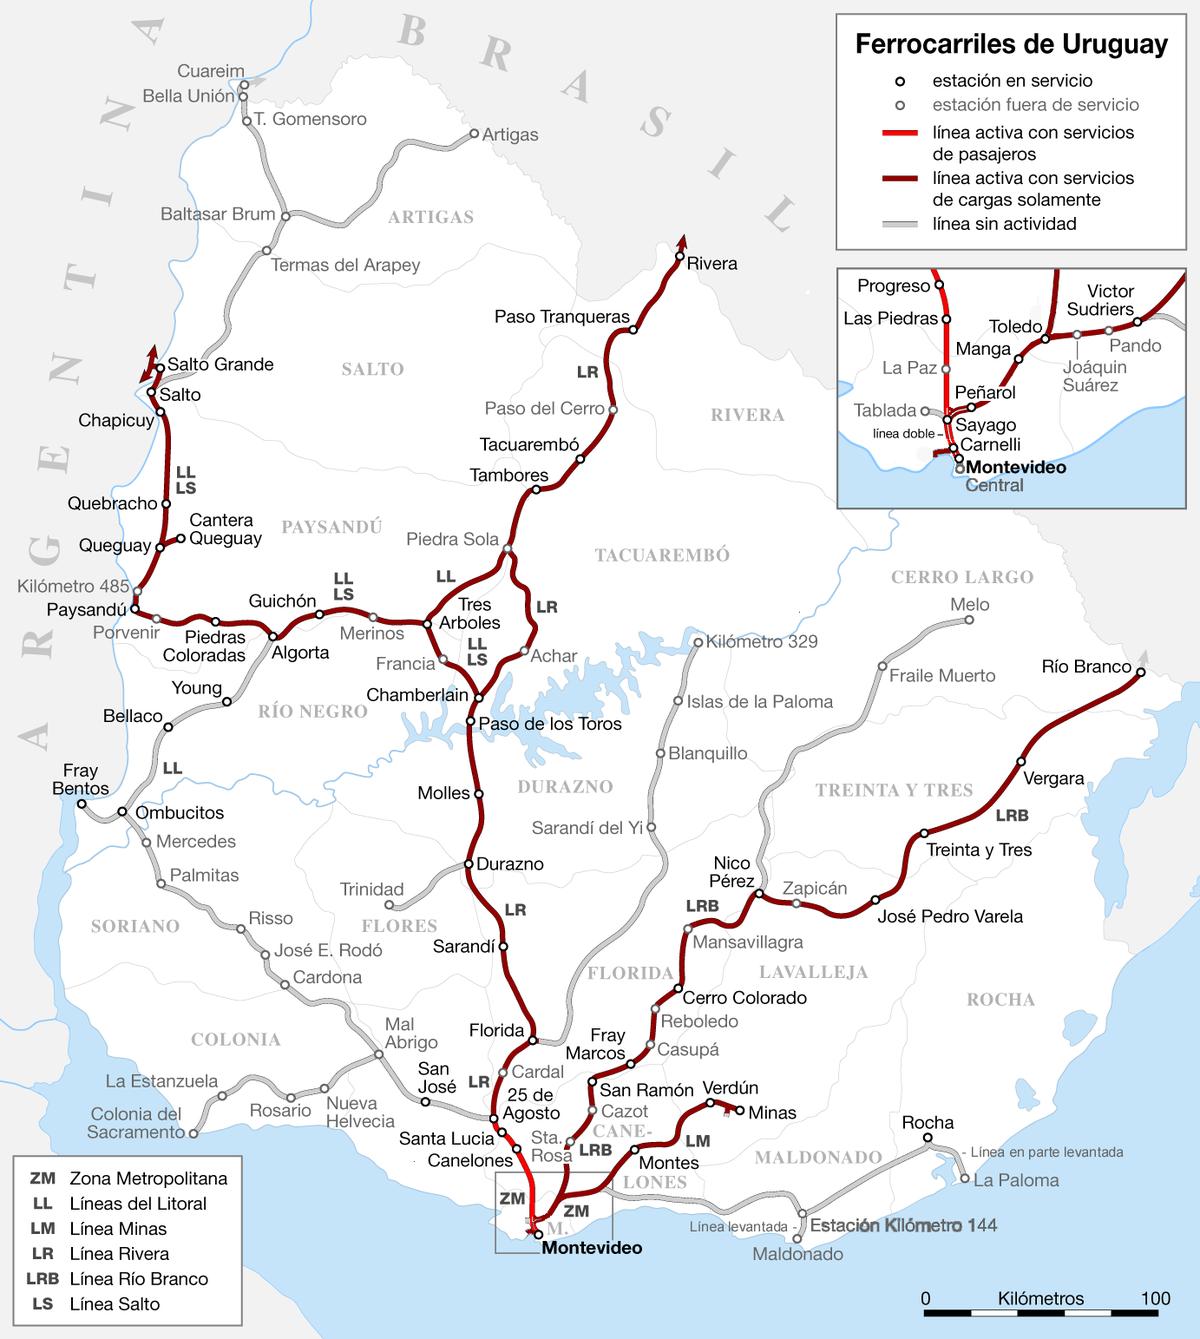 Red Ferroviaria De Uruguay Wikipedia La Enciclopedia Libre